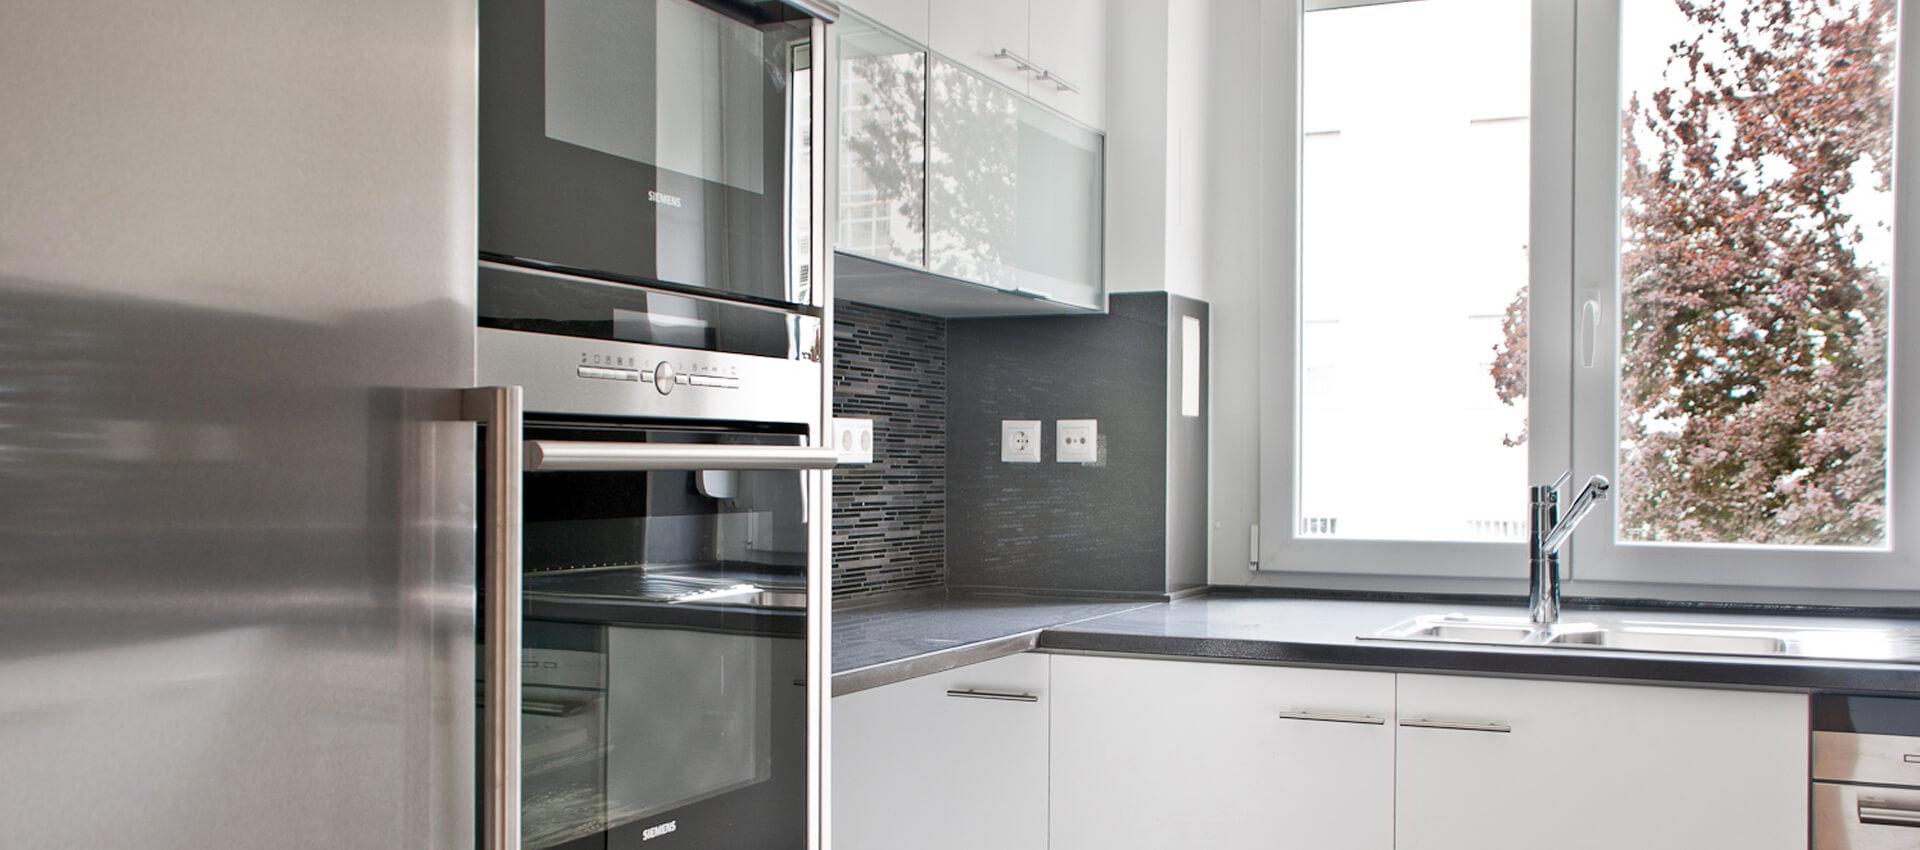 Cozinha - Apartamento Alvalade - Lisboa